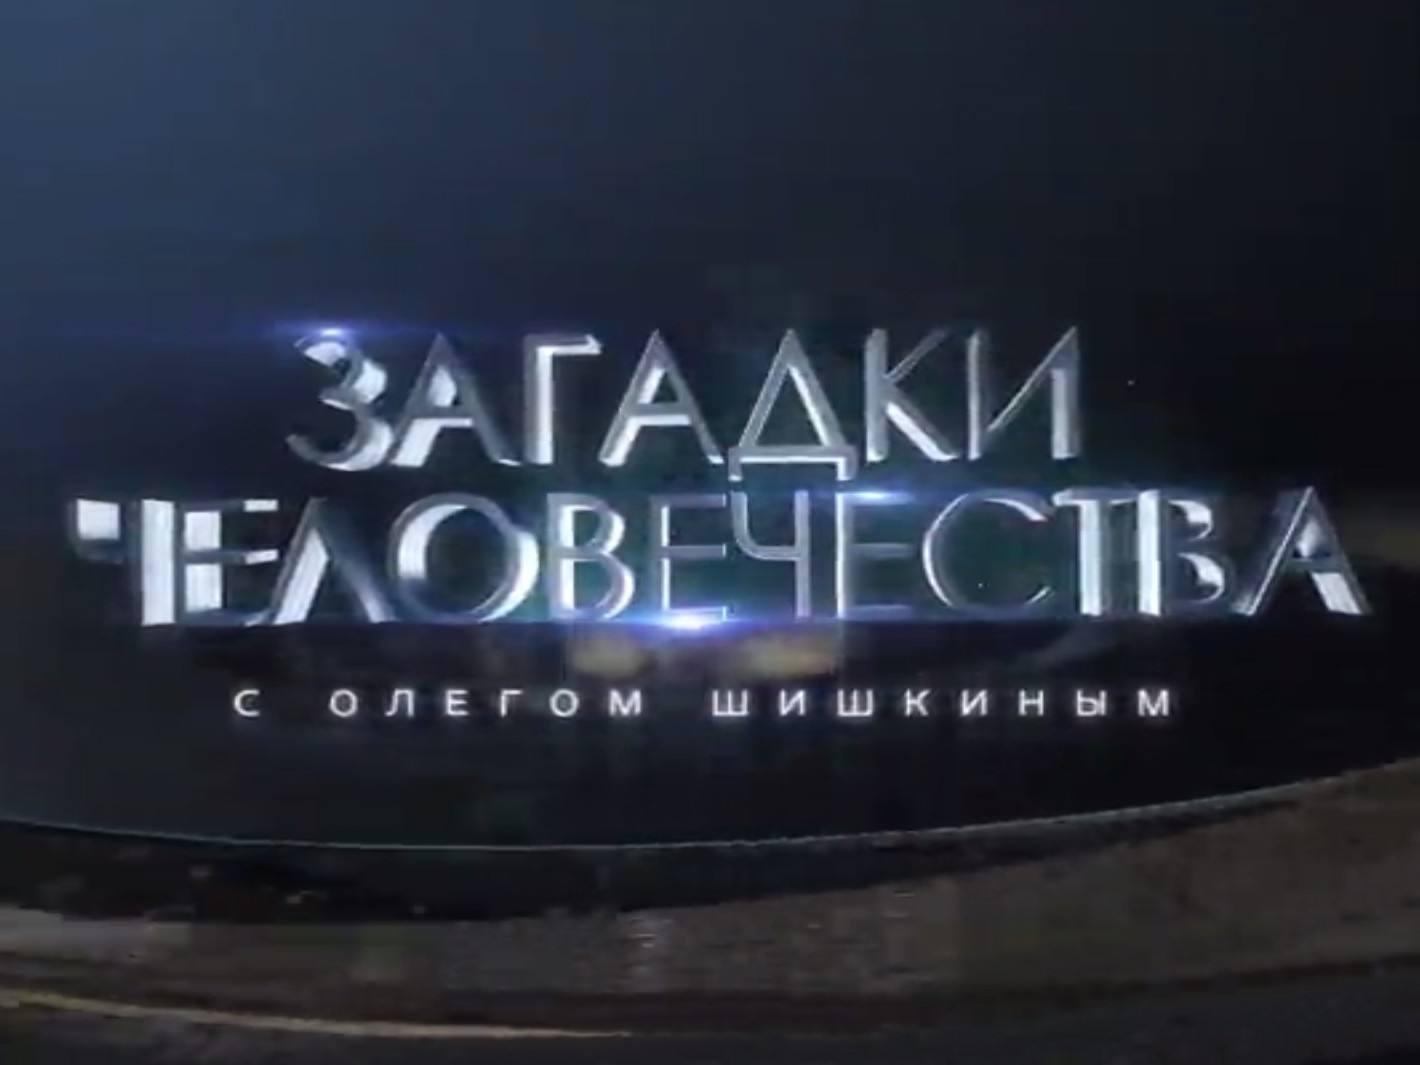 Загадки человечества с Олегом Шишкиным 437 серия в 13:00 на канале РЕН ТВ